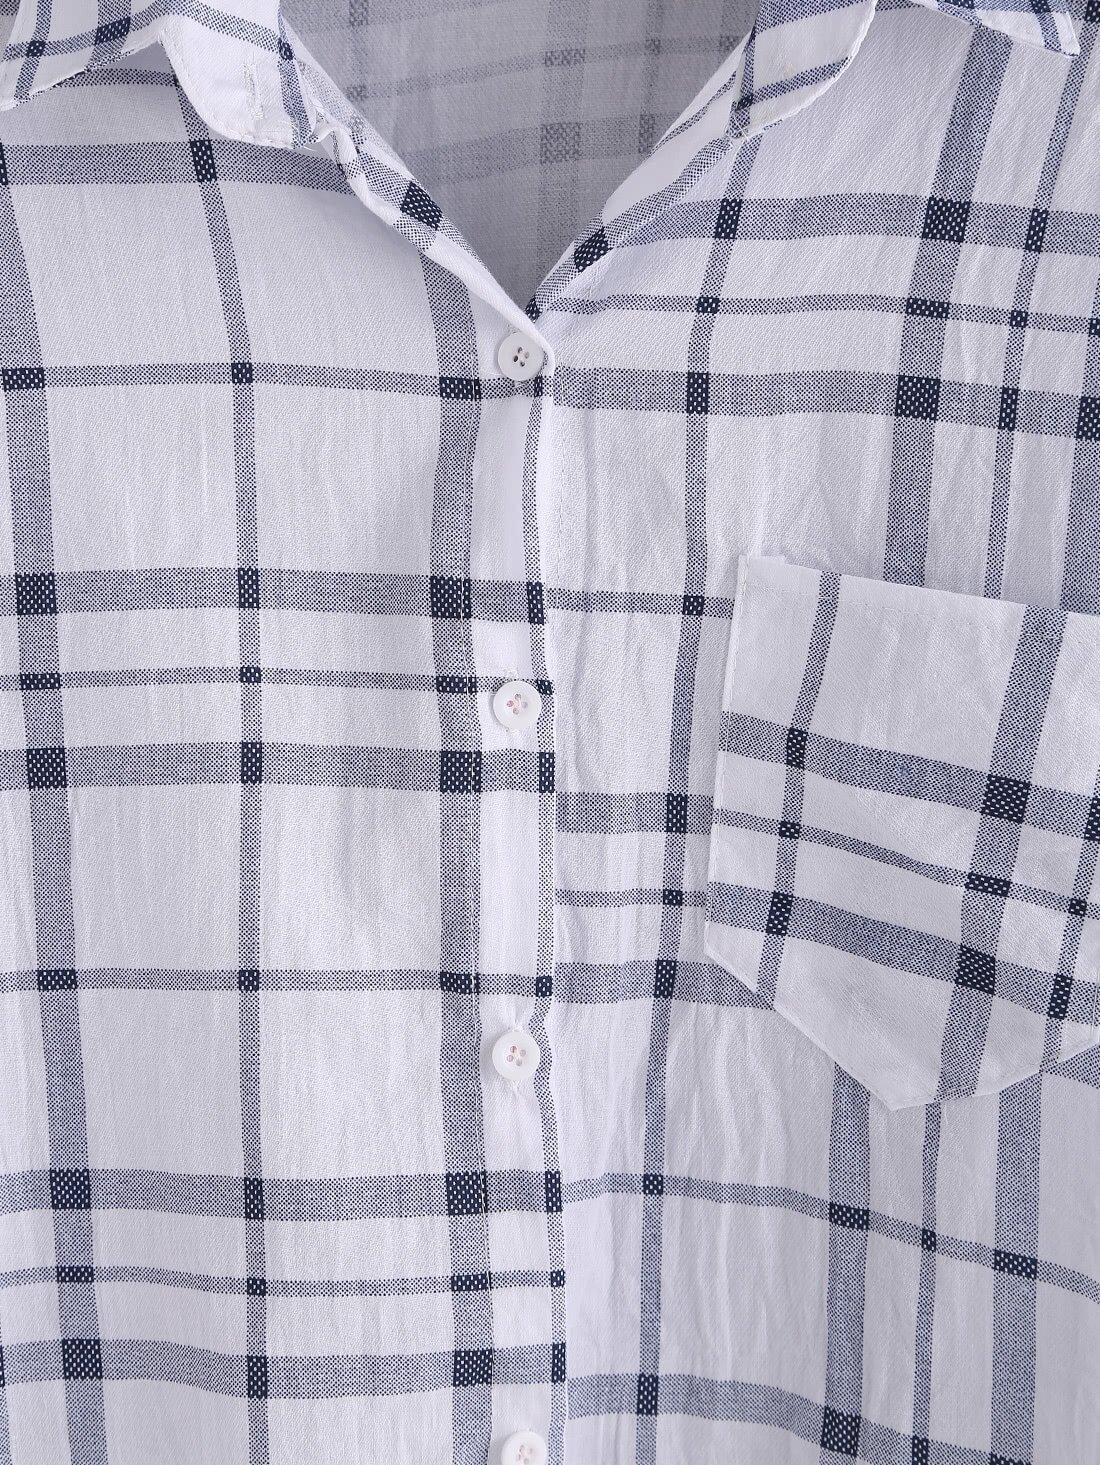 blouse plaid manche longue avec poche noir blanc. Black Bedroom Furniture Sets. Home Design Ideas